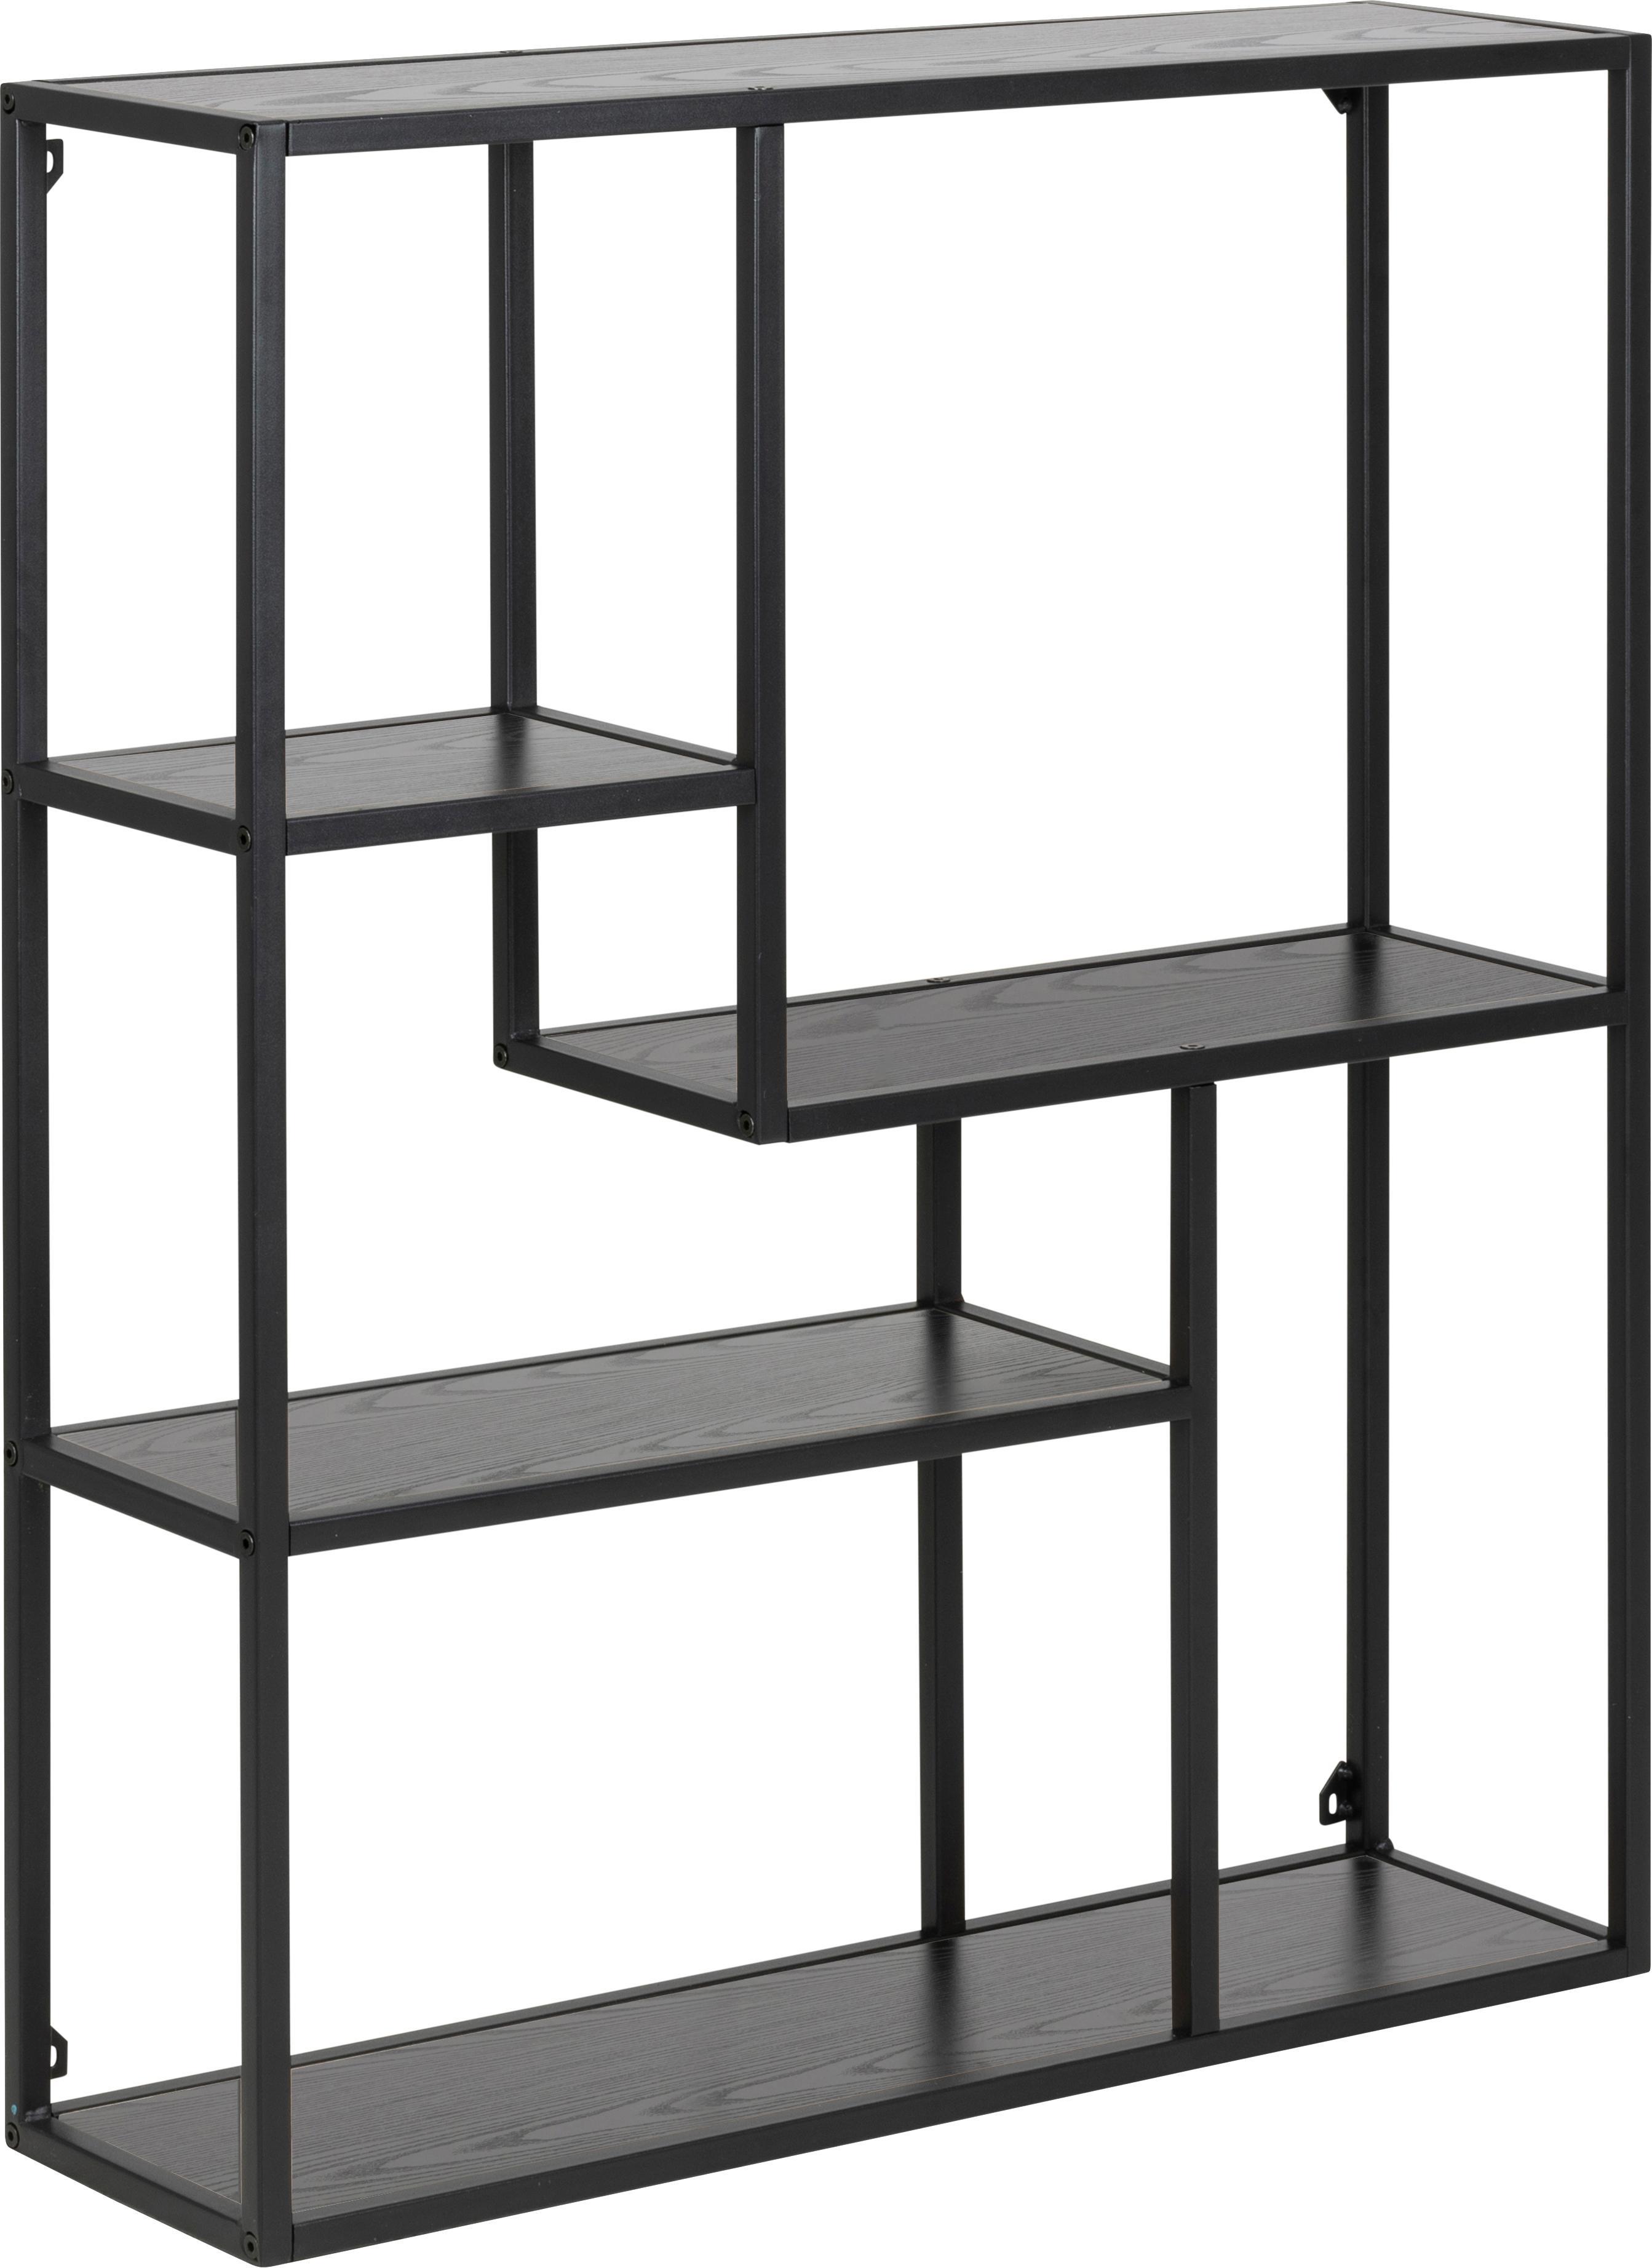 Wandrek Seaford Zig van hout en metaal, Frame: gepoedercoat metaal, Zwart, 75 x 91 cm